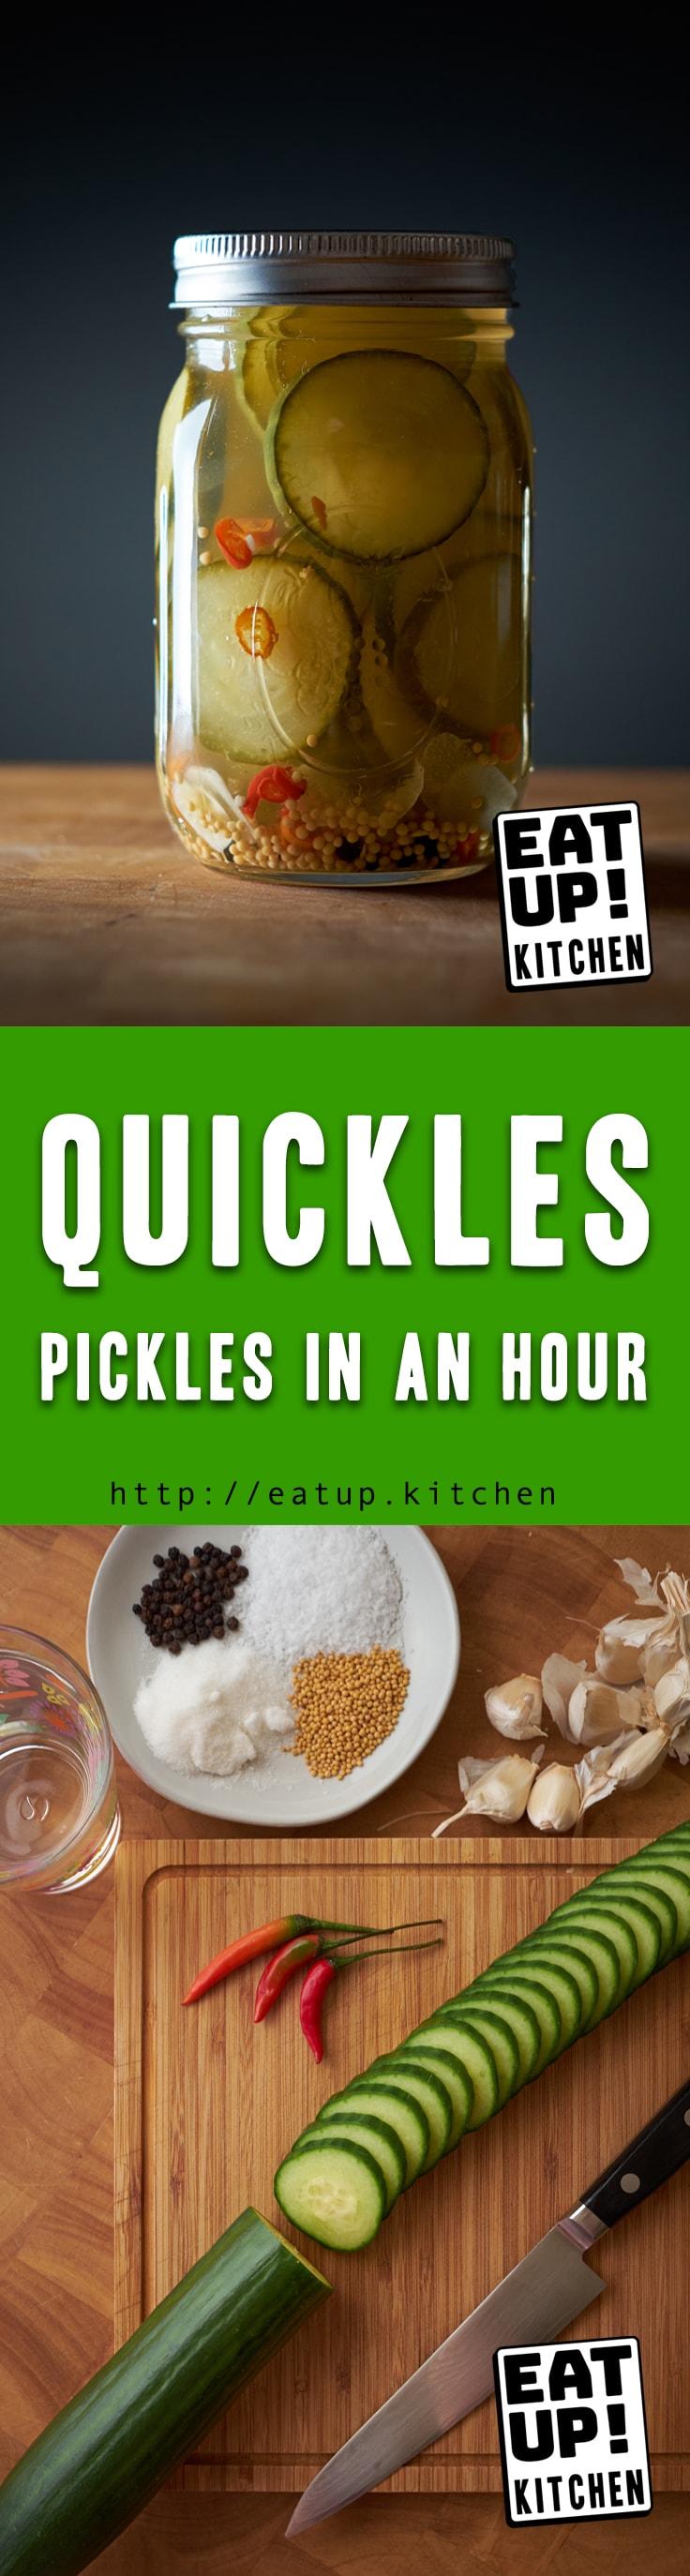 Quickles